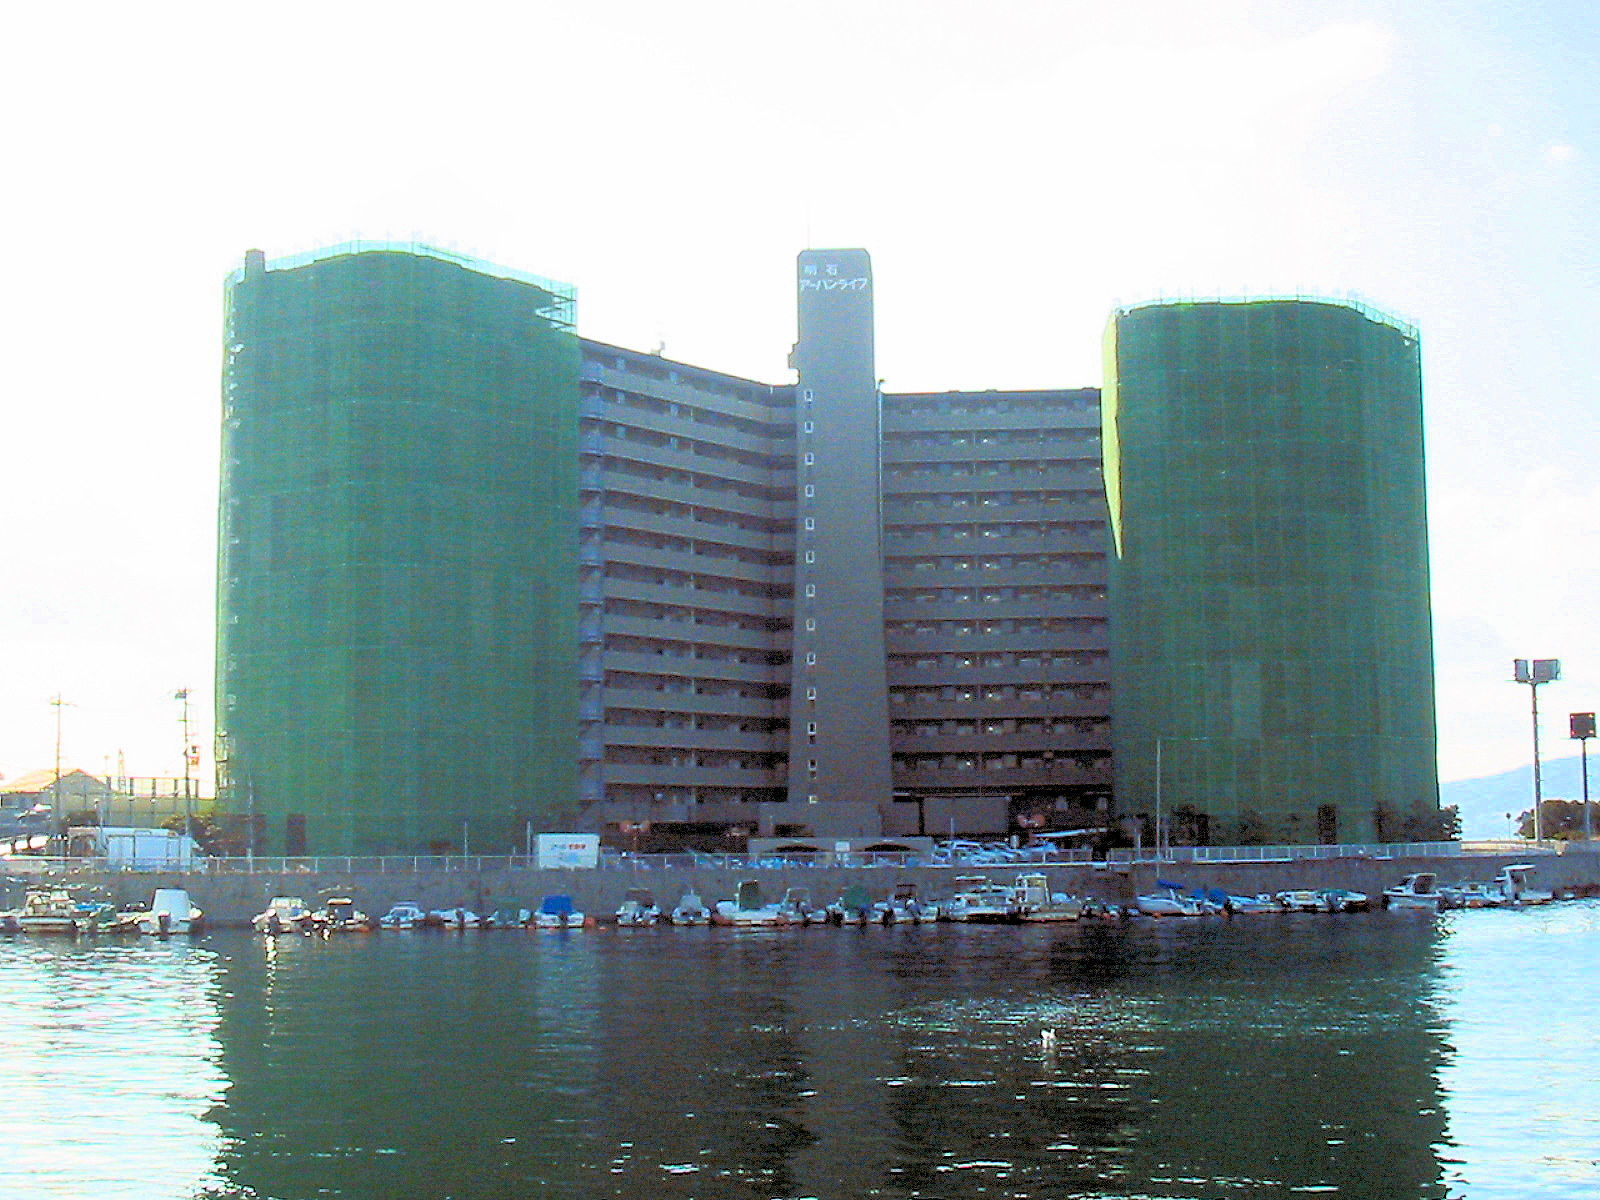 明石アーバンライフ(兵庫県明石市)  大規模修繕工事